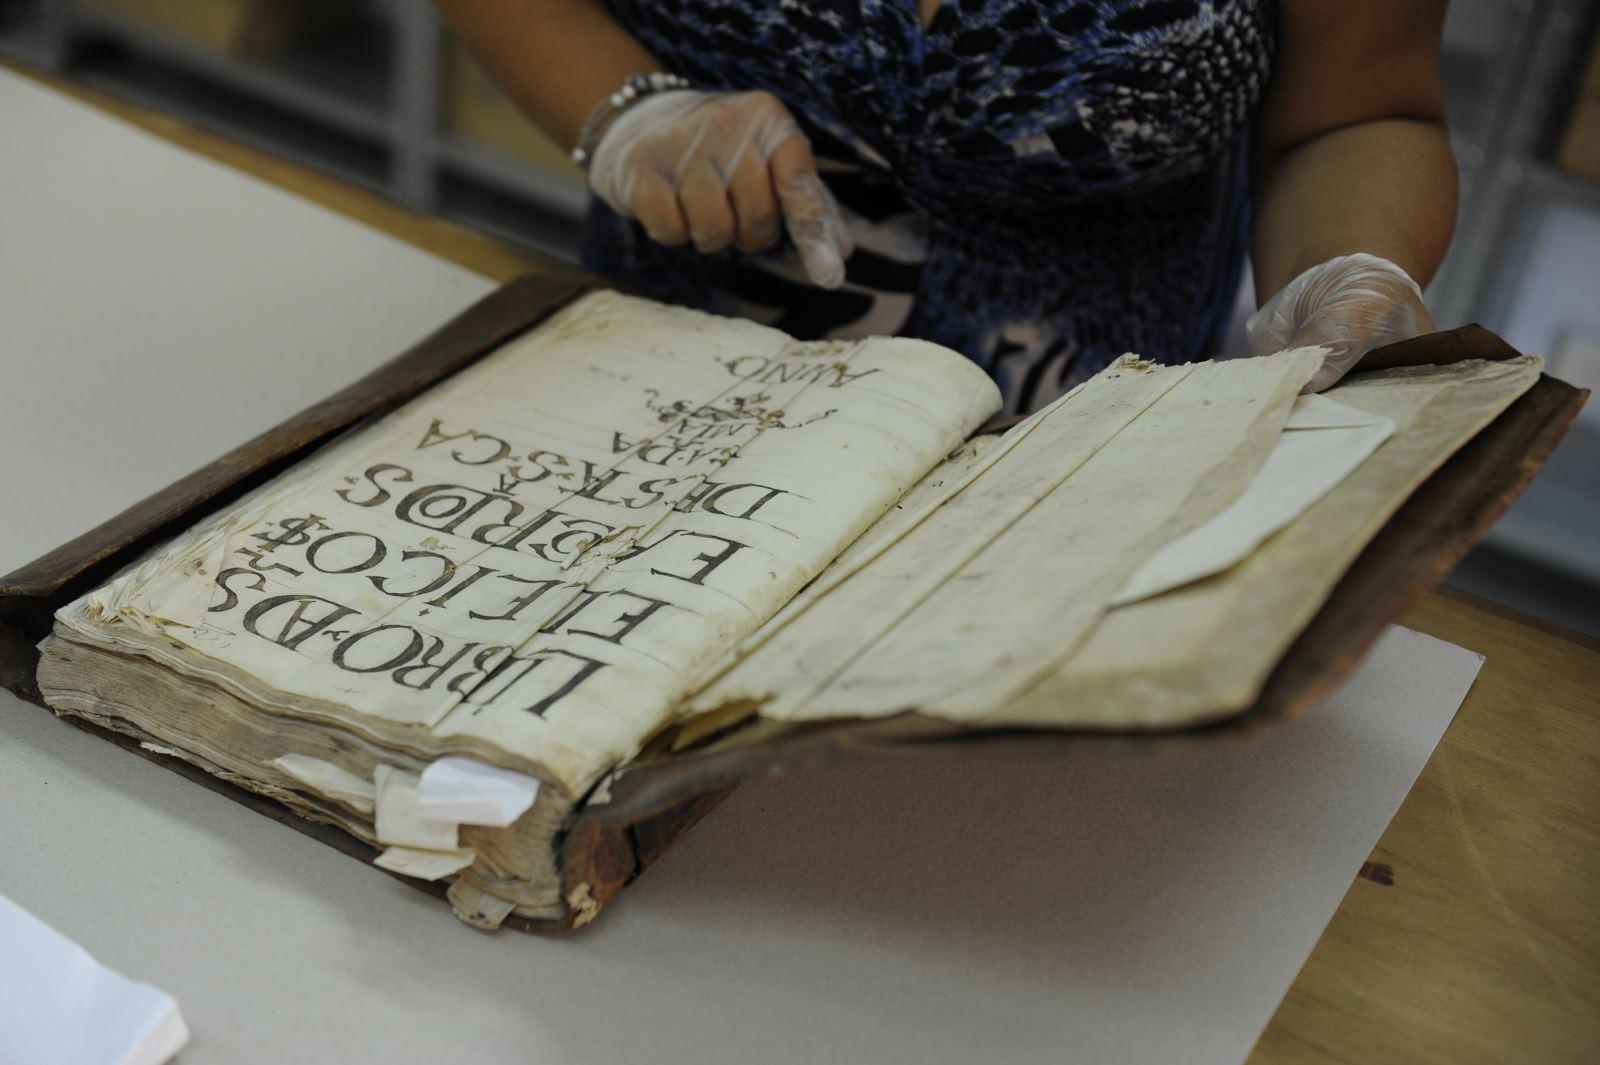 Lourinhã | Acervo documental vai desvendar uma história com 600 anos